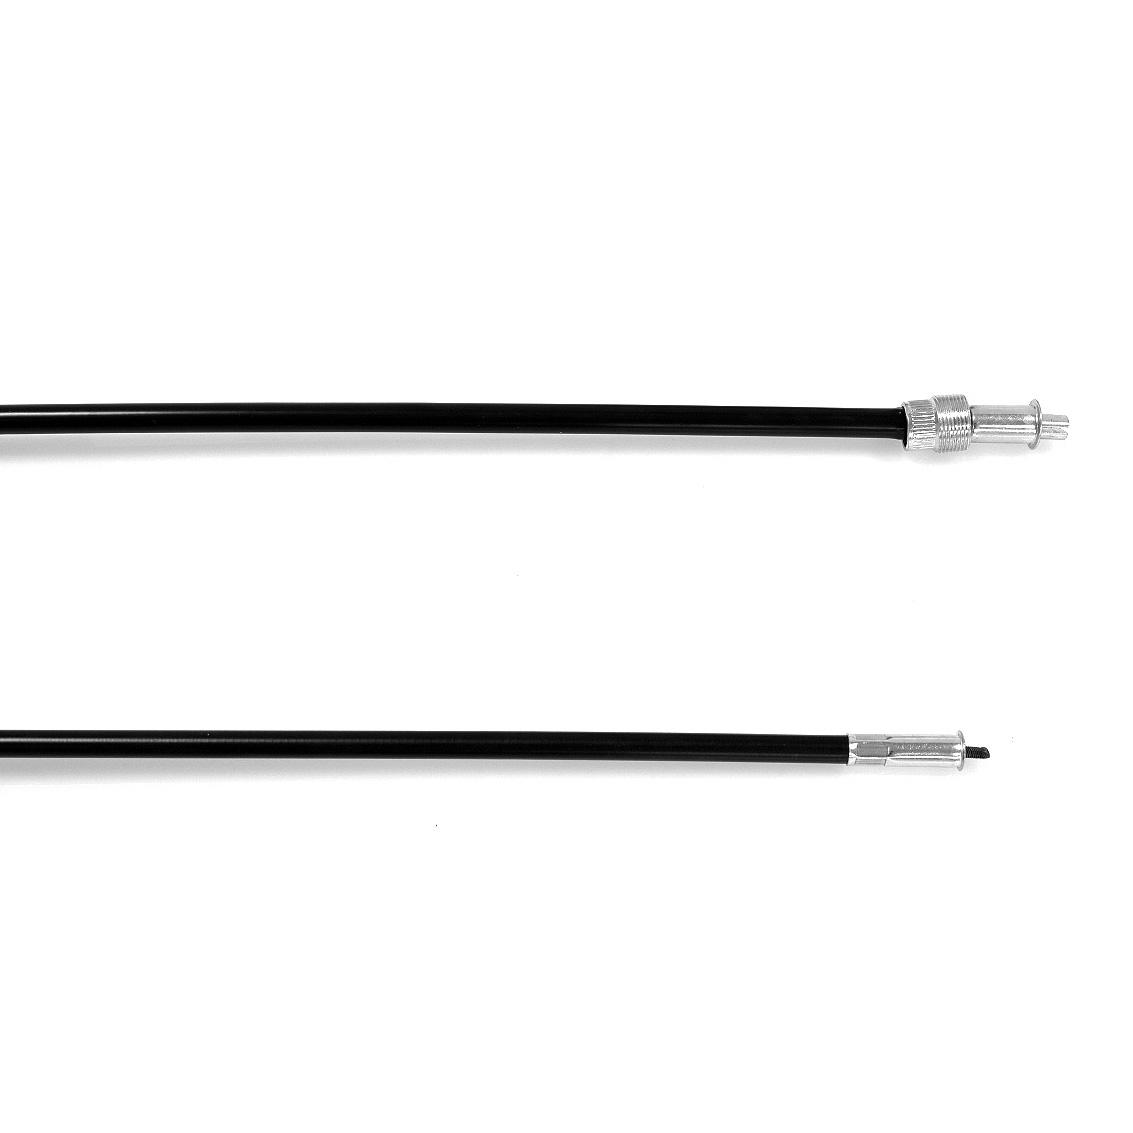 Câble de compteur V Parts Hyosung Comet 125 04-08